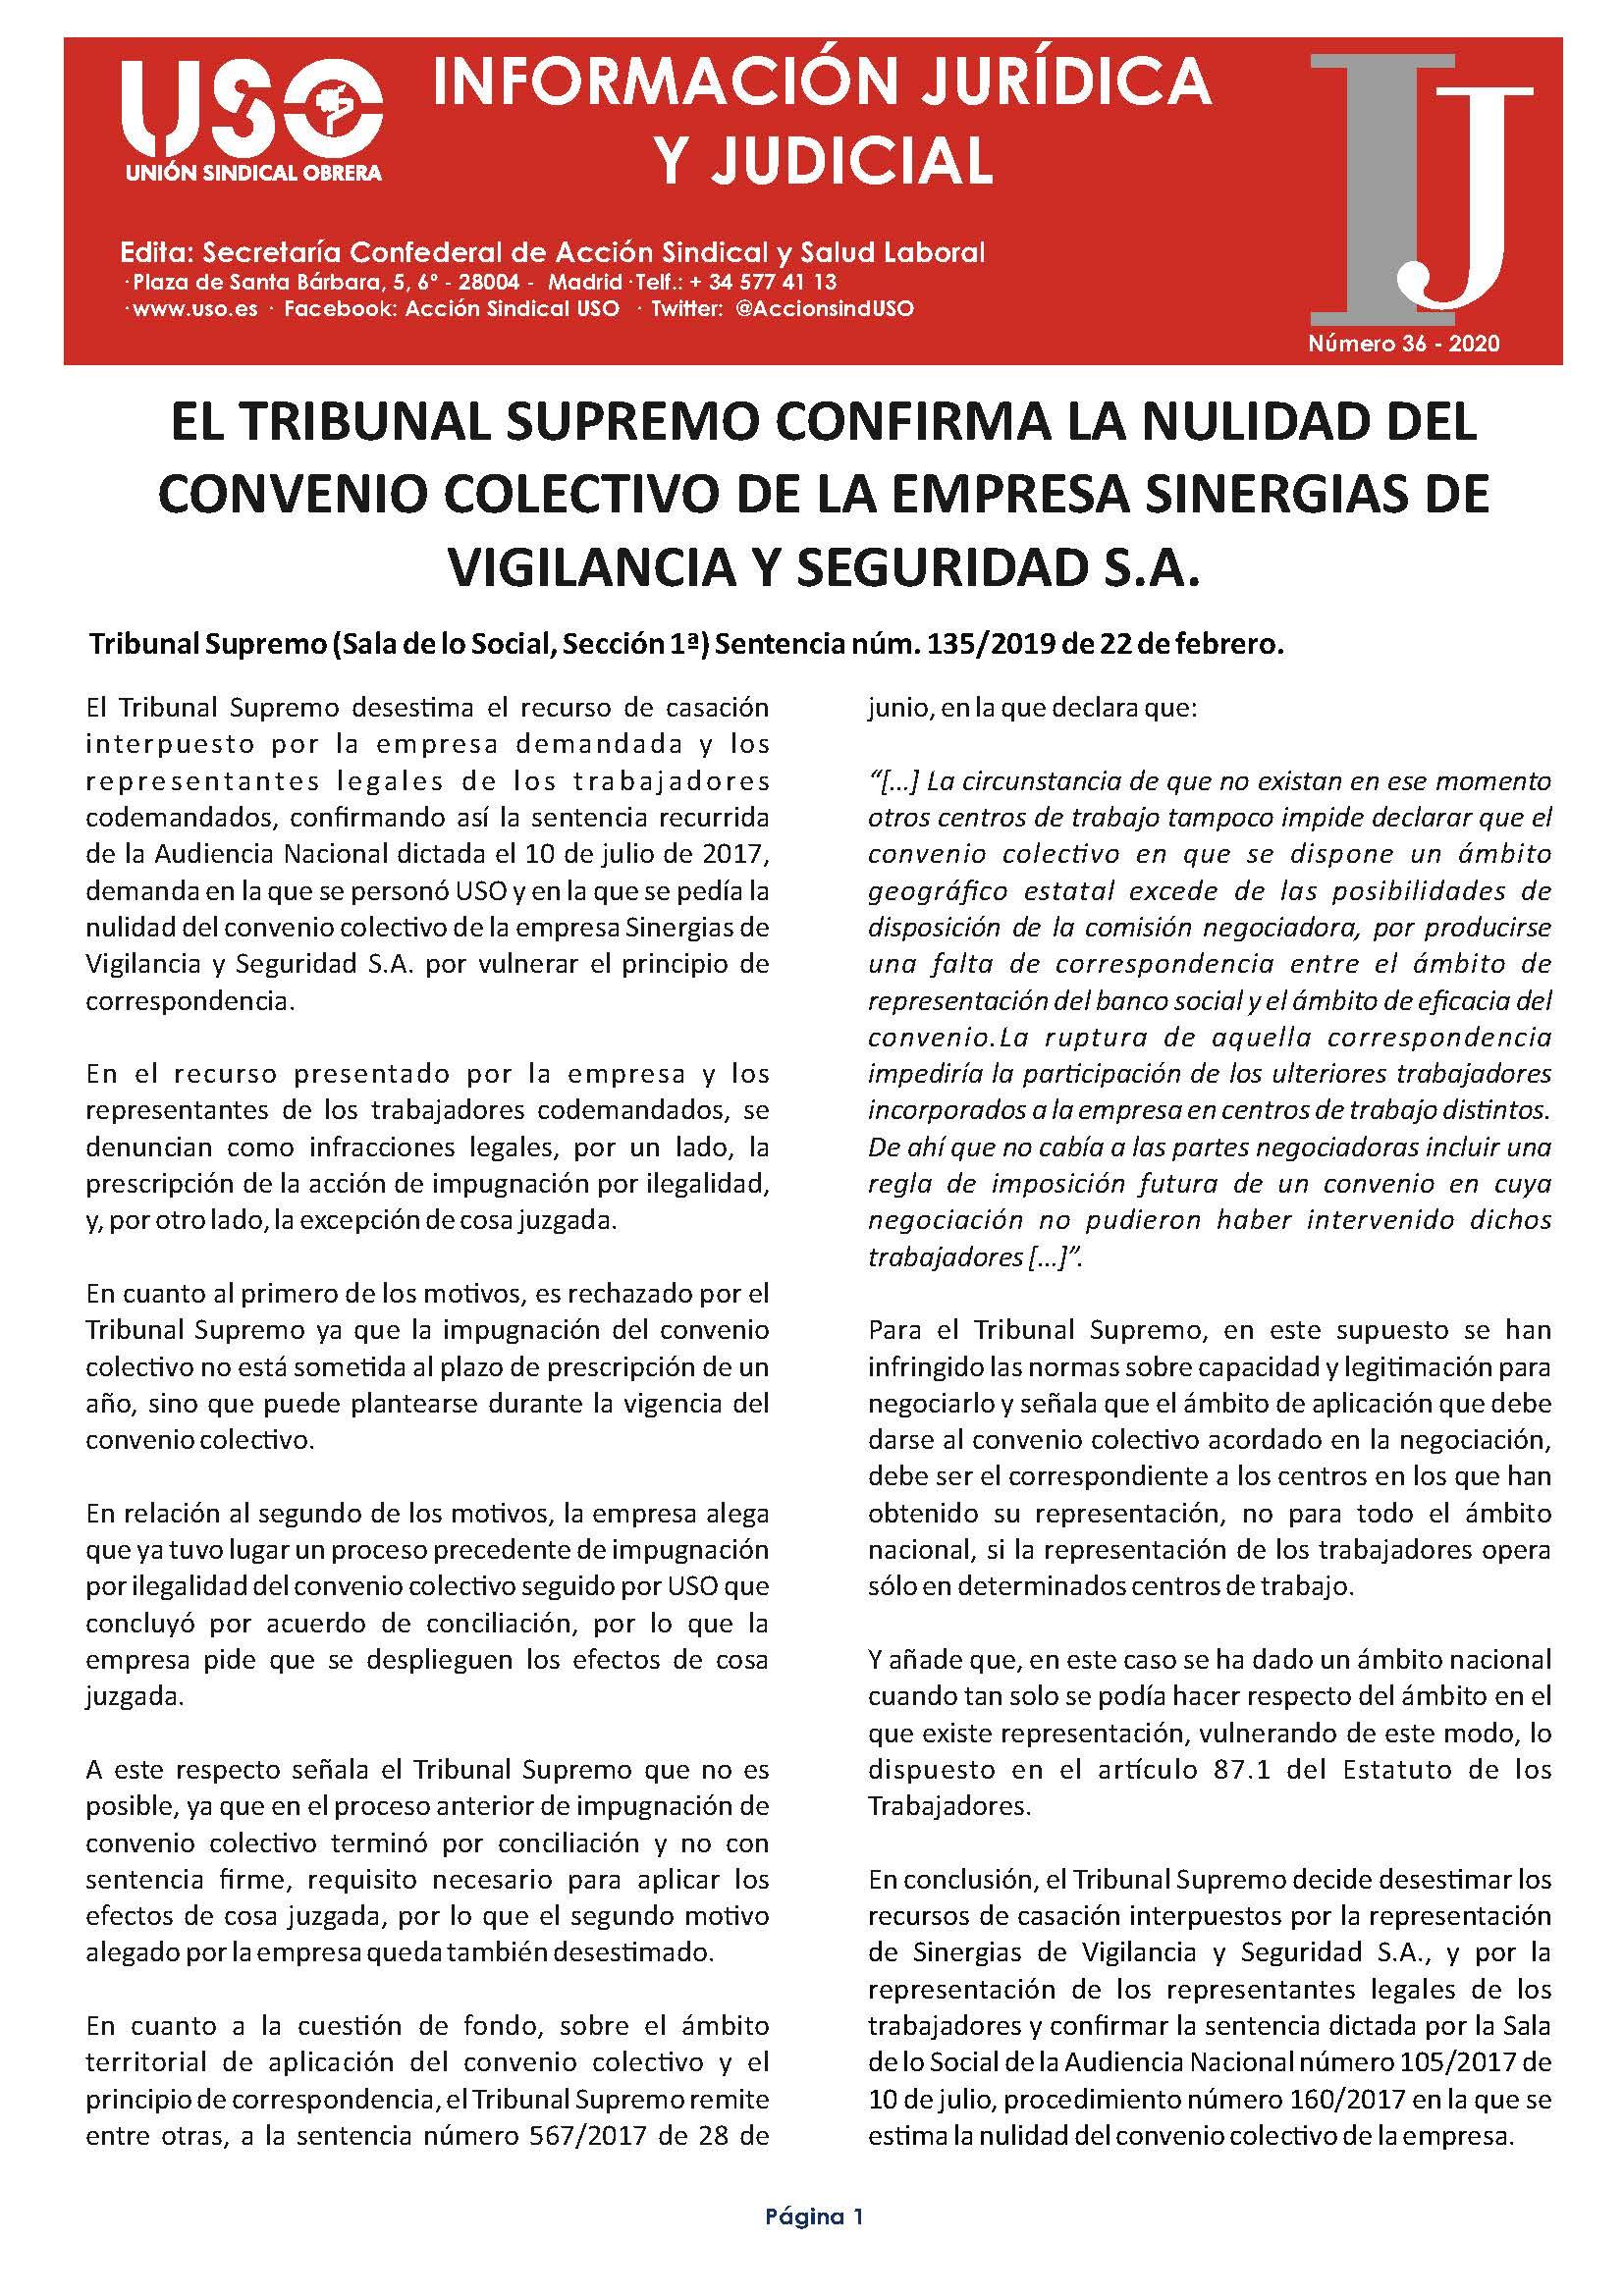 Información Jurídica y Judicial nº 36